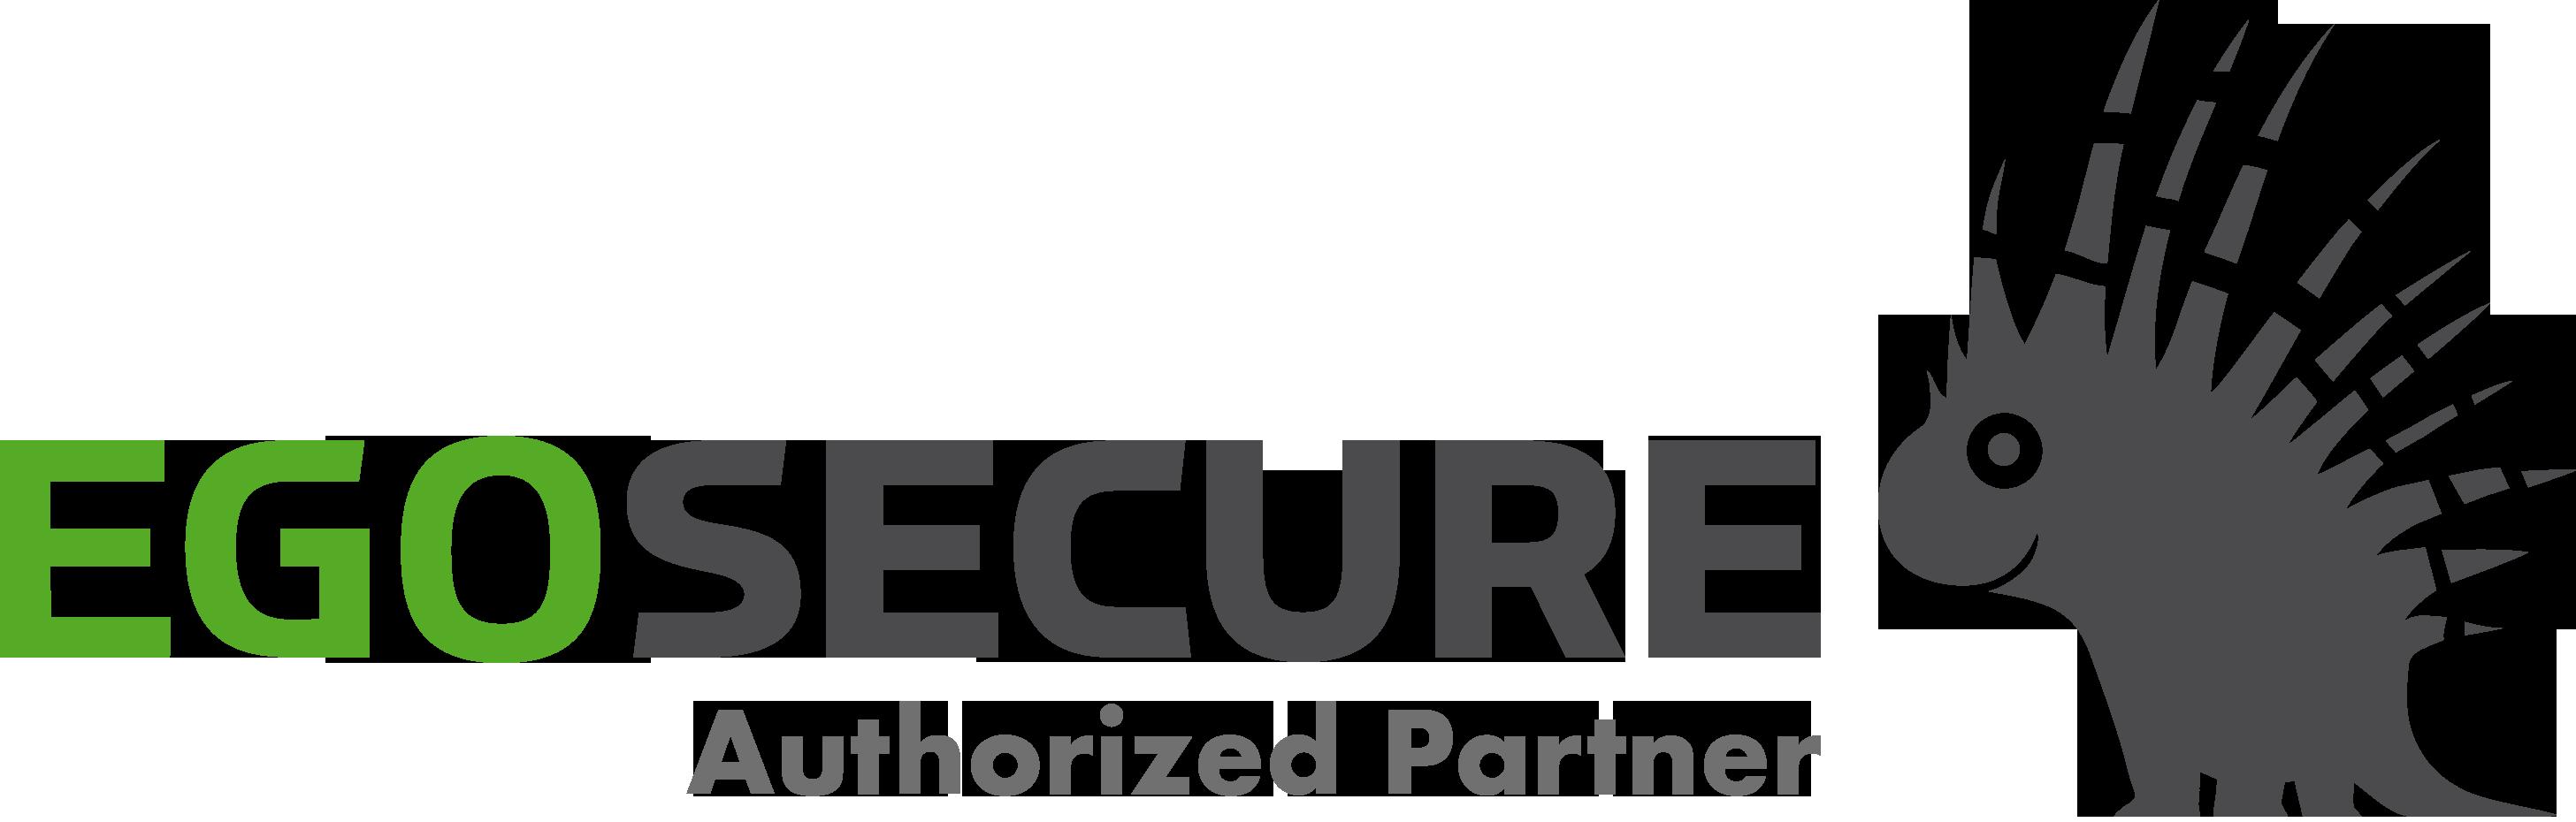 egosecure_Logo